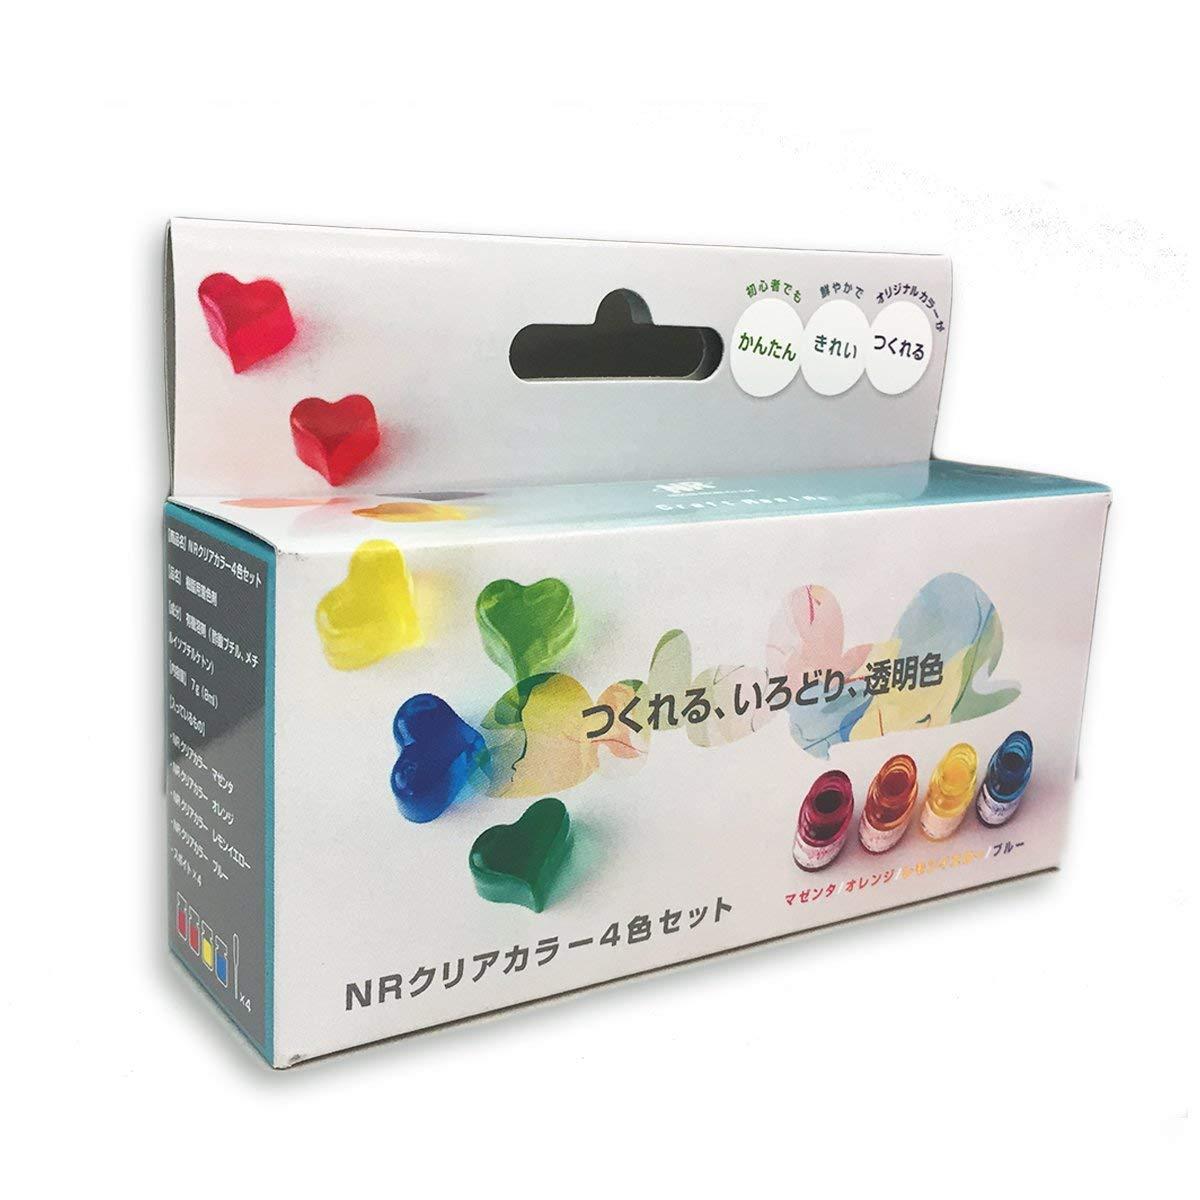 透明色のオリジナルカラーを作ろう 日新レジン NRクリアカラー 透明顔料 注型用 買収 4色セット 樹脂 お歳暮